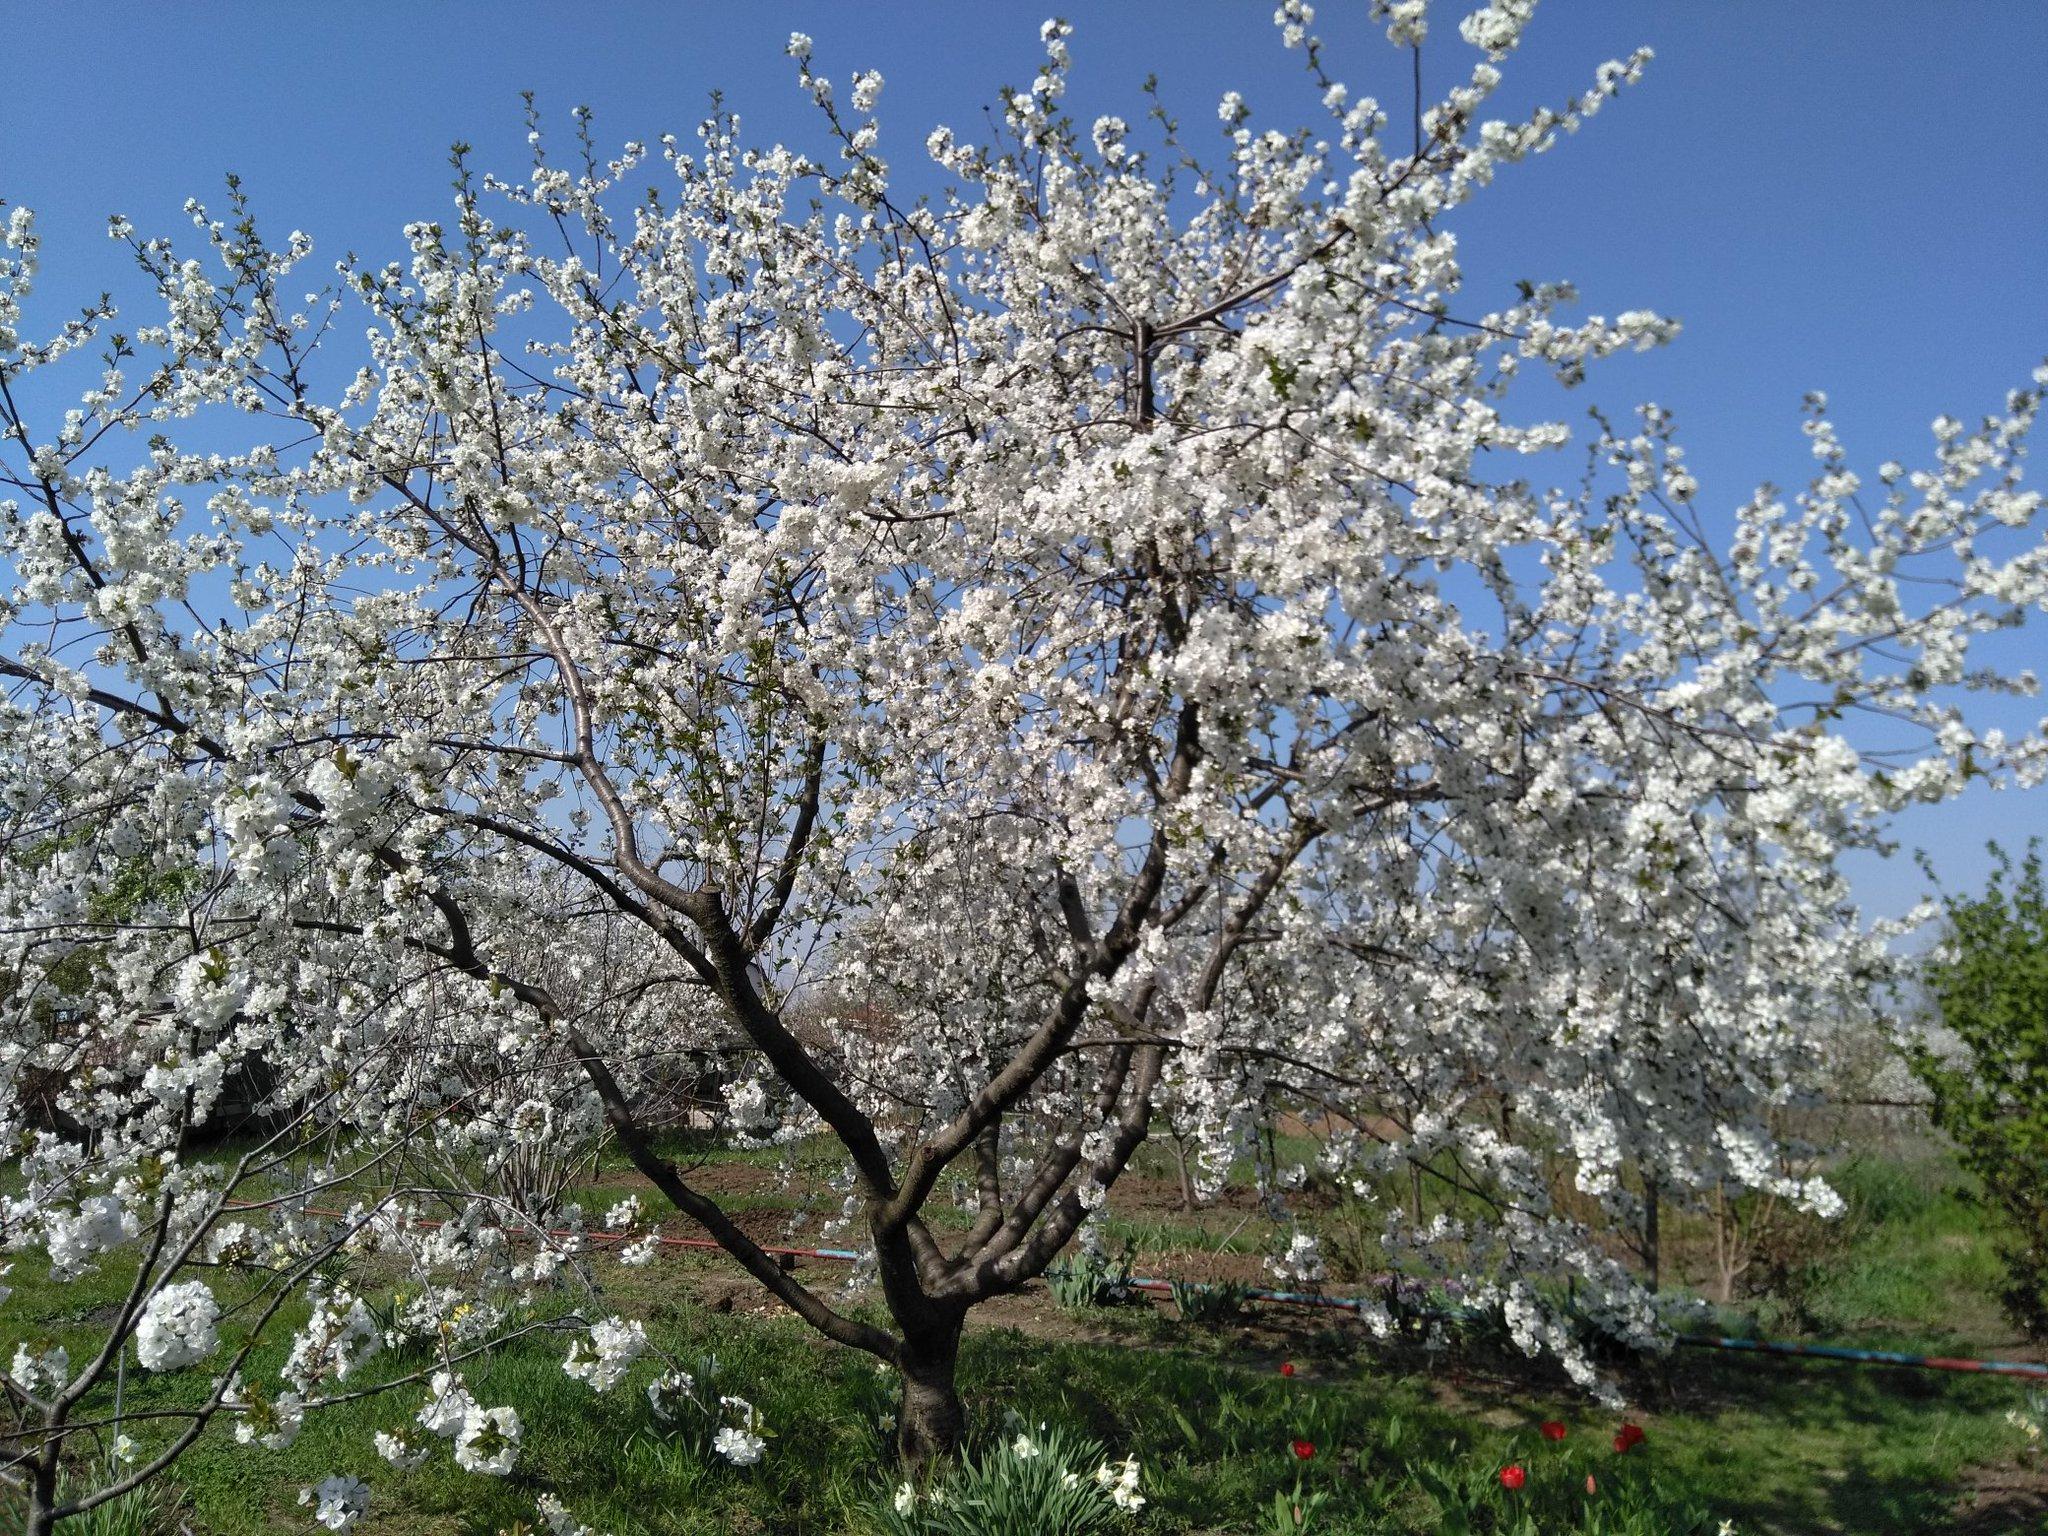 картинки когда цветут сады обувь недорого том